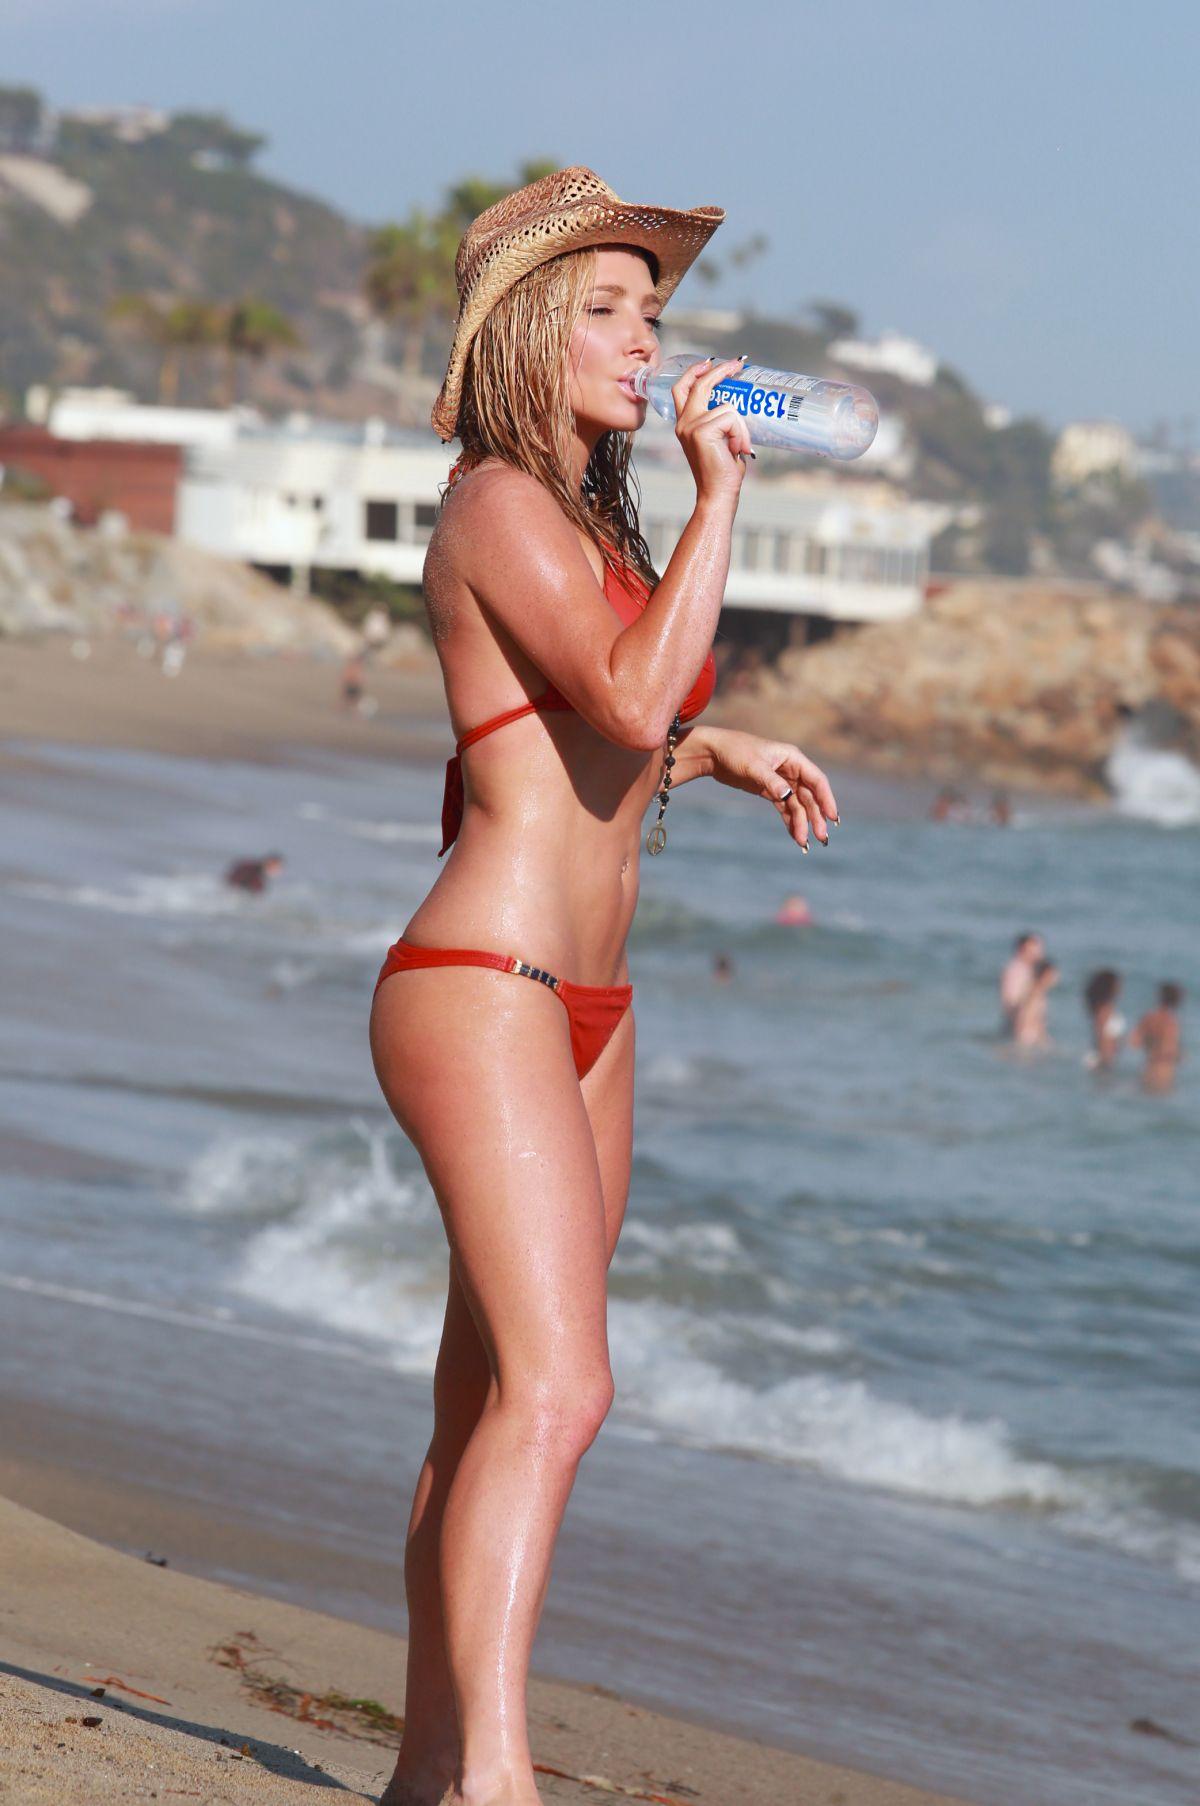 Nikki Lund in Bikini Photoshoot in Malibu Pic 21 of 35